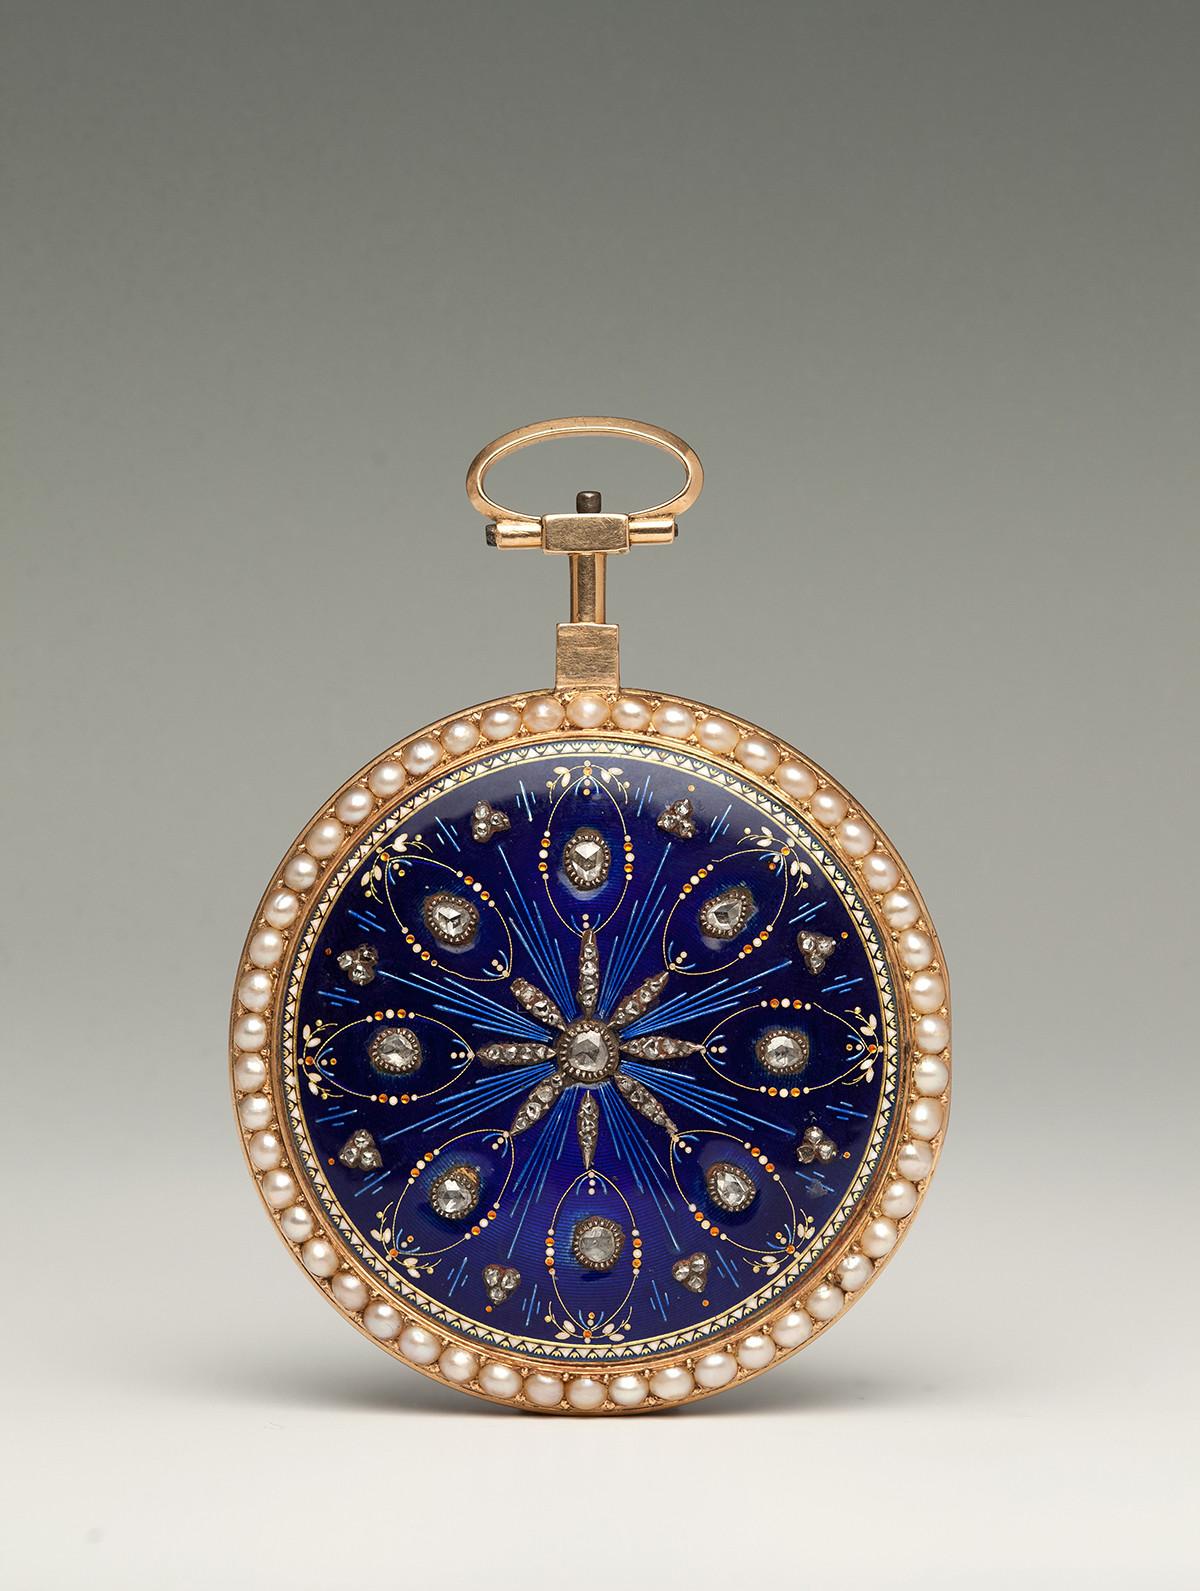 Montre de poche. France, Paris. Fin du XVIIIe siècle